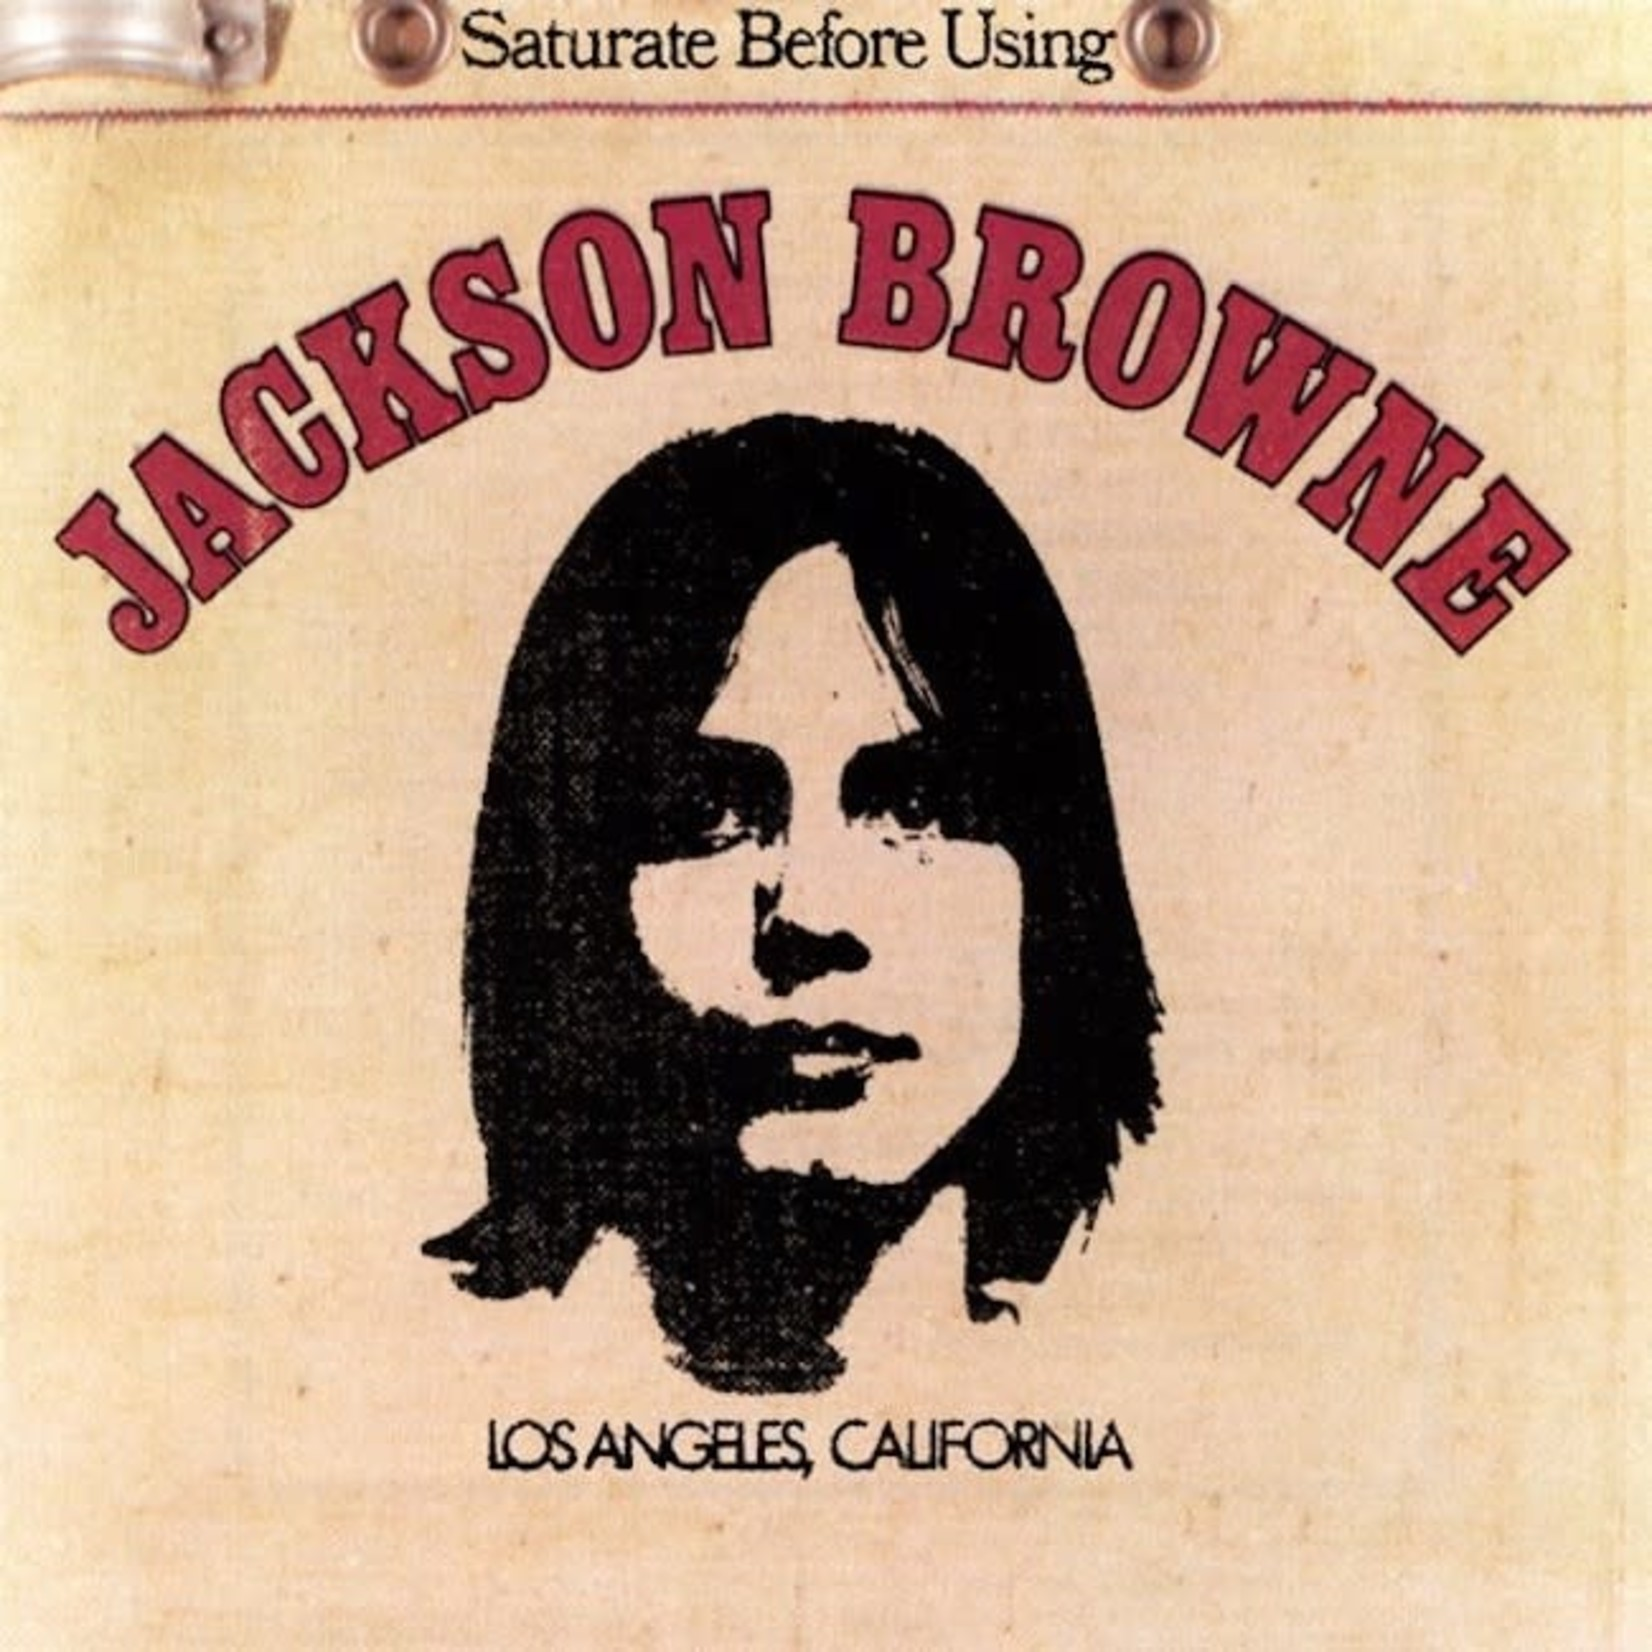 [Vintage] Browne, Jackson: Saturate Before Using